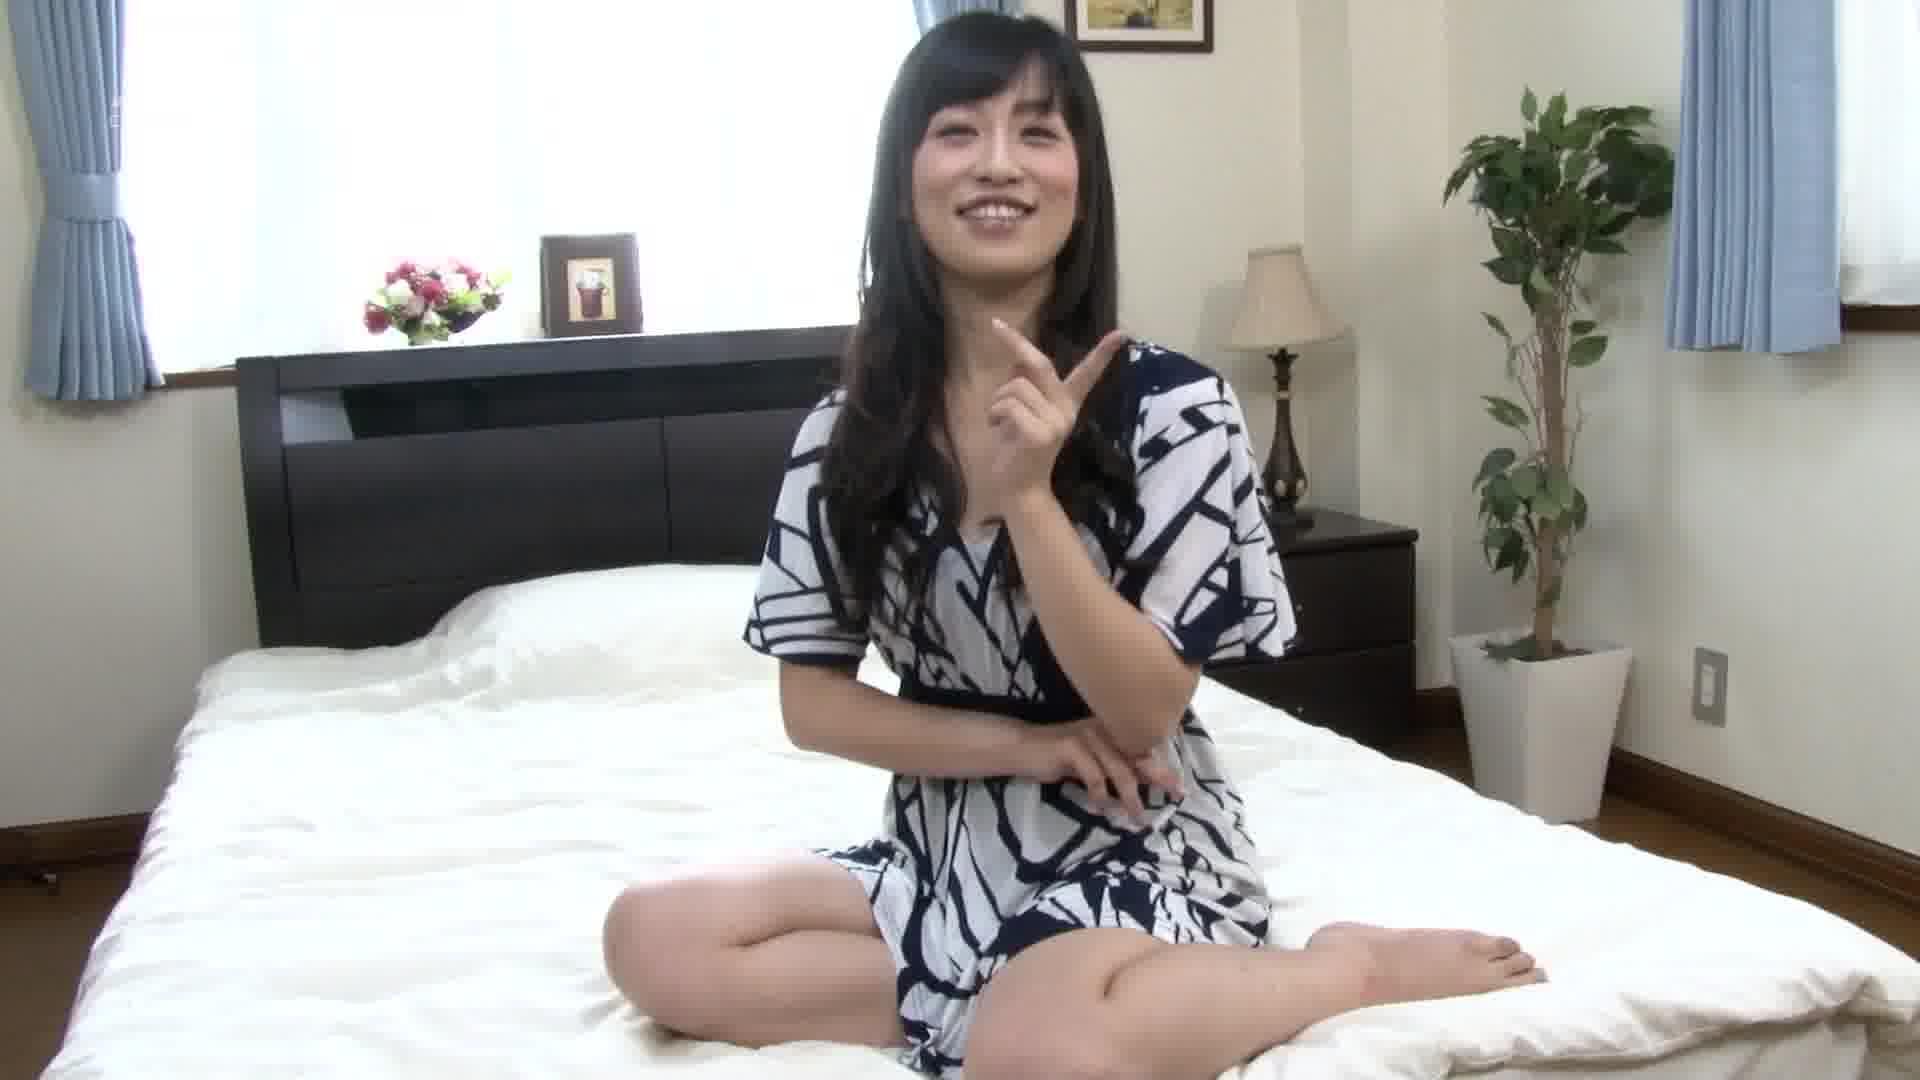 鬼イキトランス 17 - 京野結衣【美乳・潮吹き・中出し】